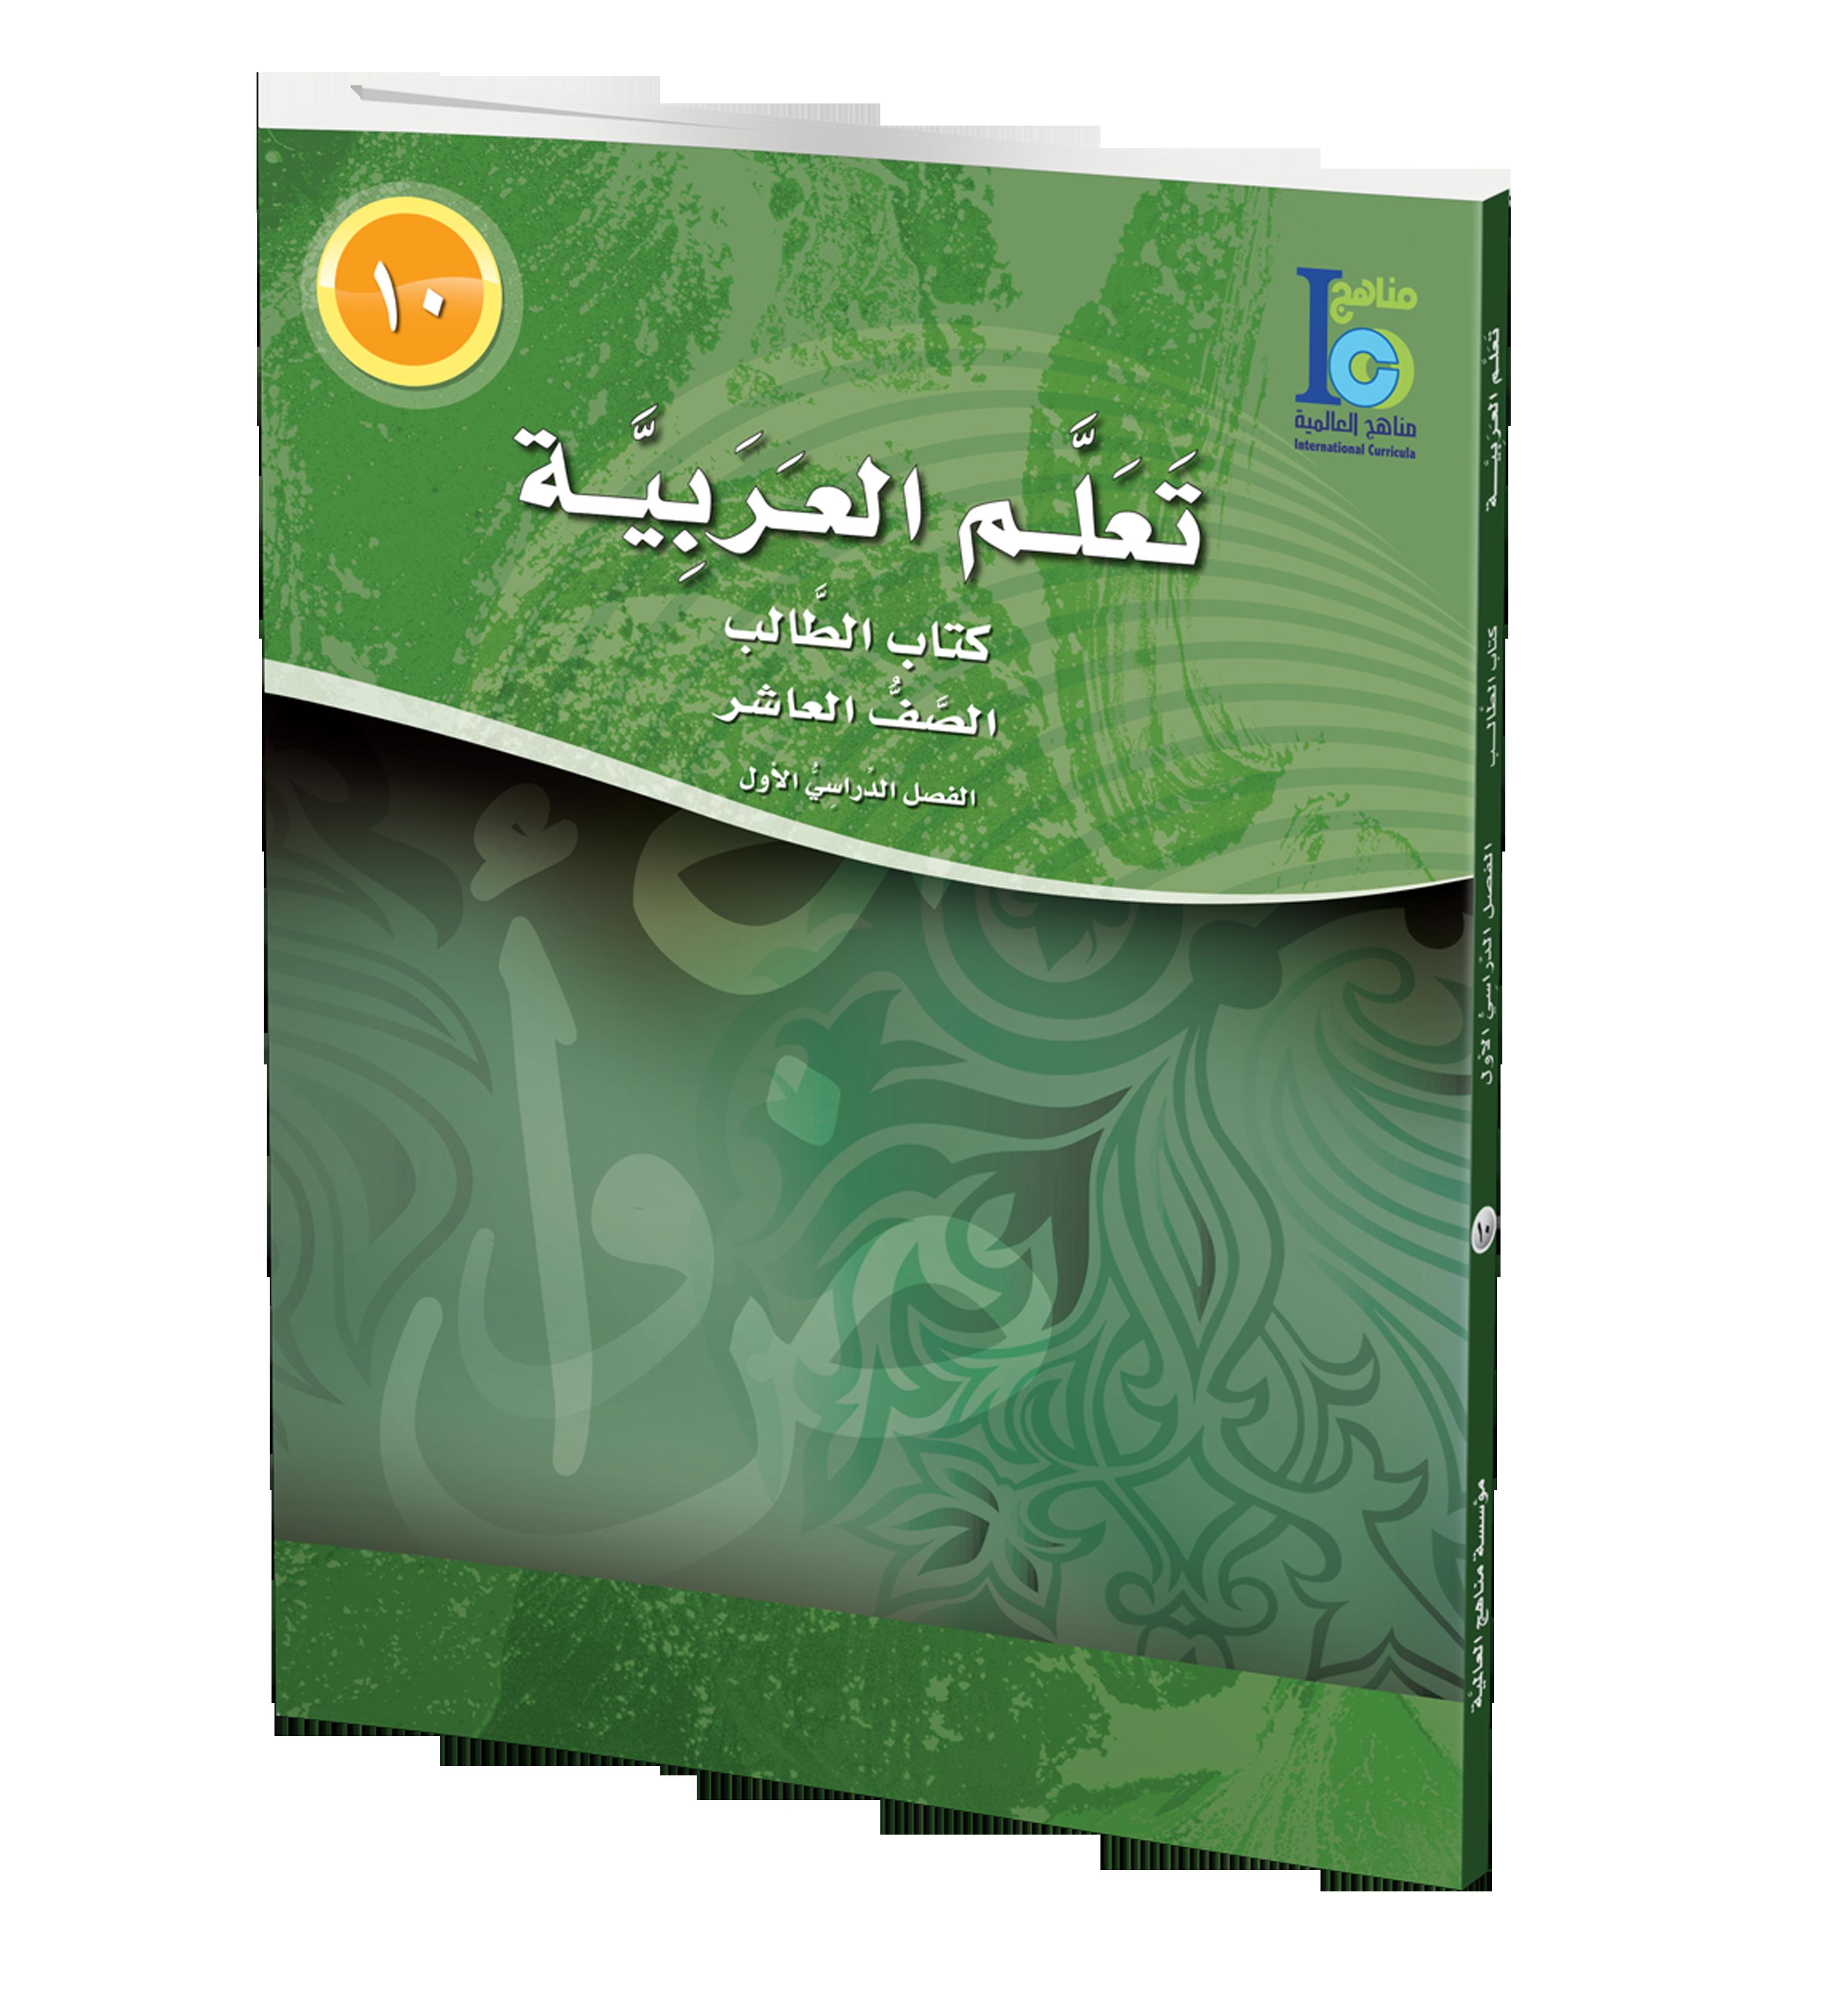 كتاب تعلم اللغة العربية 8211 الصف العاشر 8211 كتاب الطالب Books Pdf Books Person